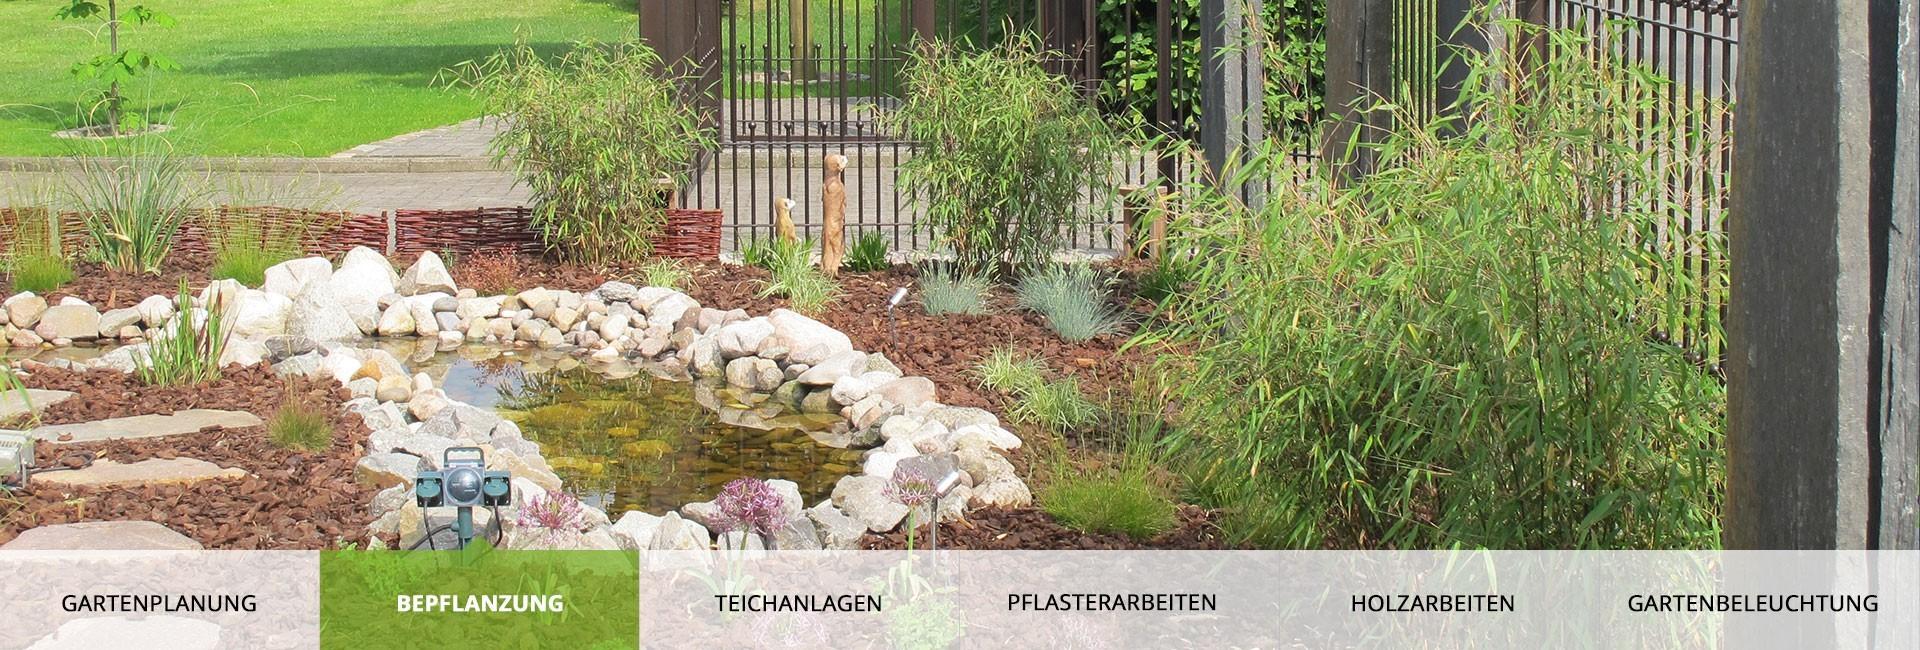 Traum Garten Wegener In Diepholz Bepflanzung Traum Garten